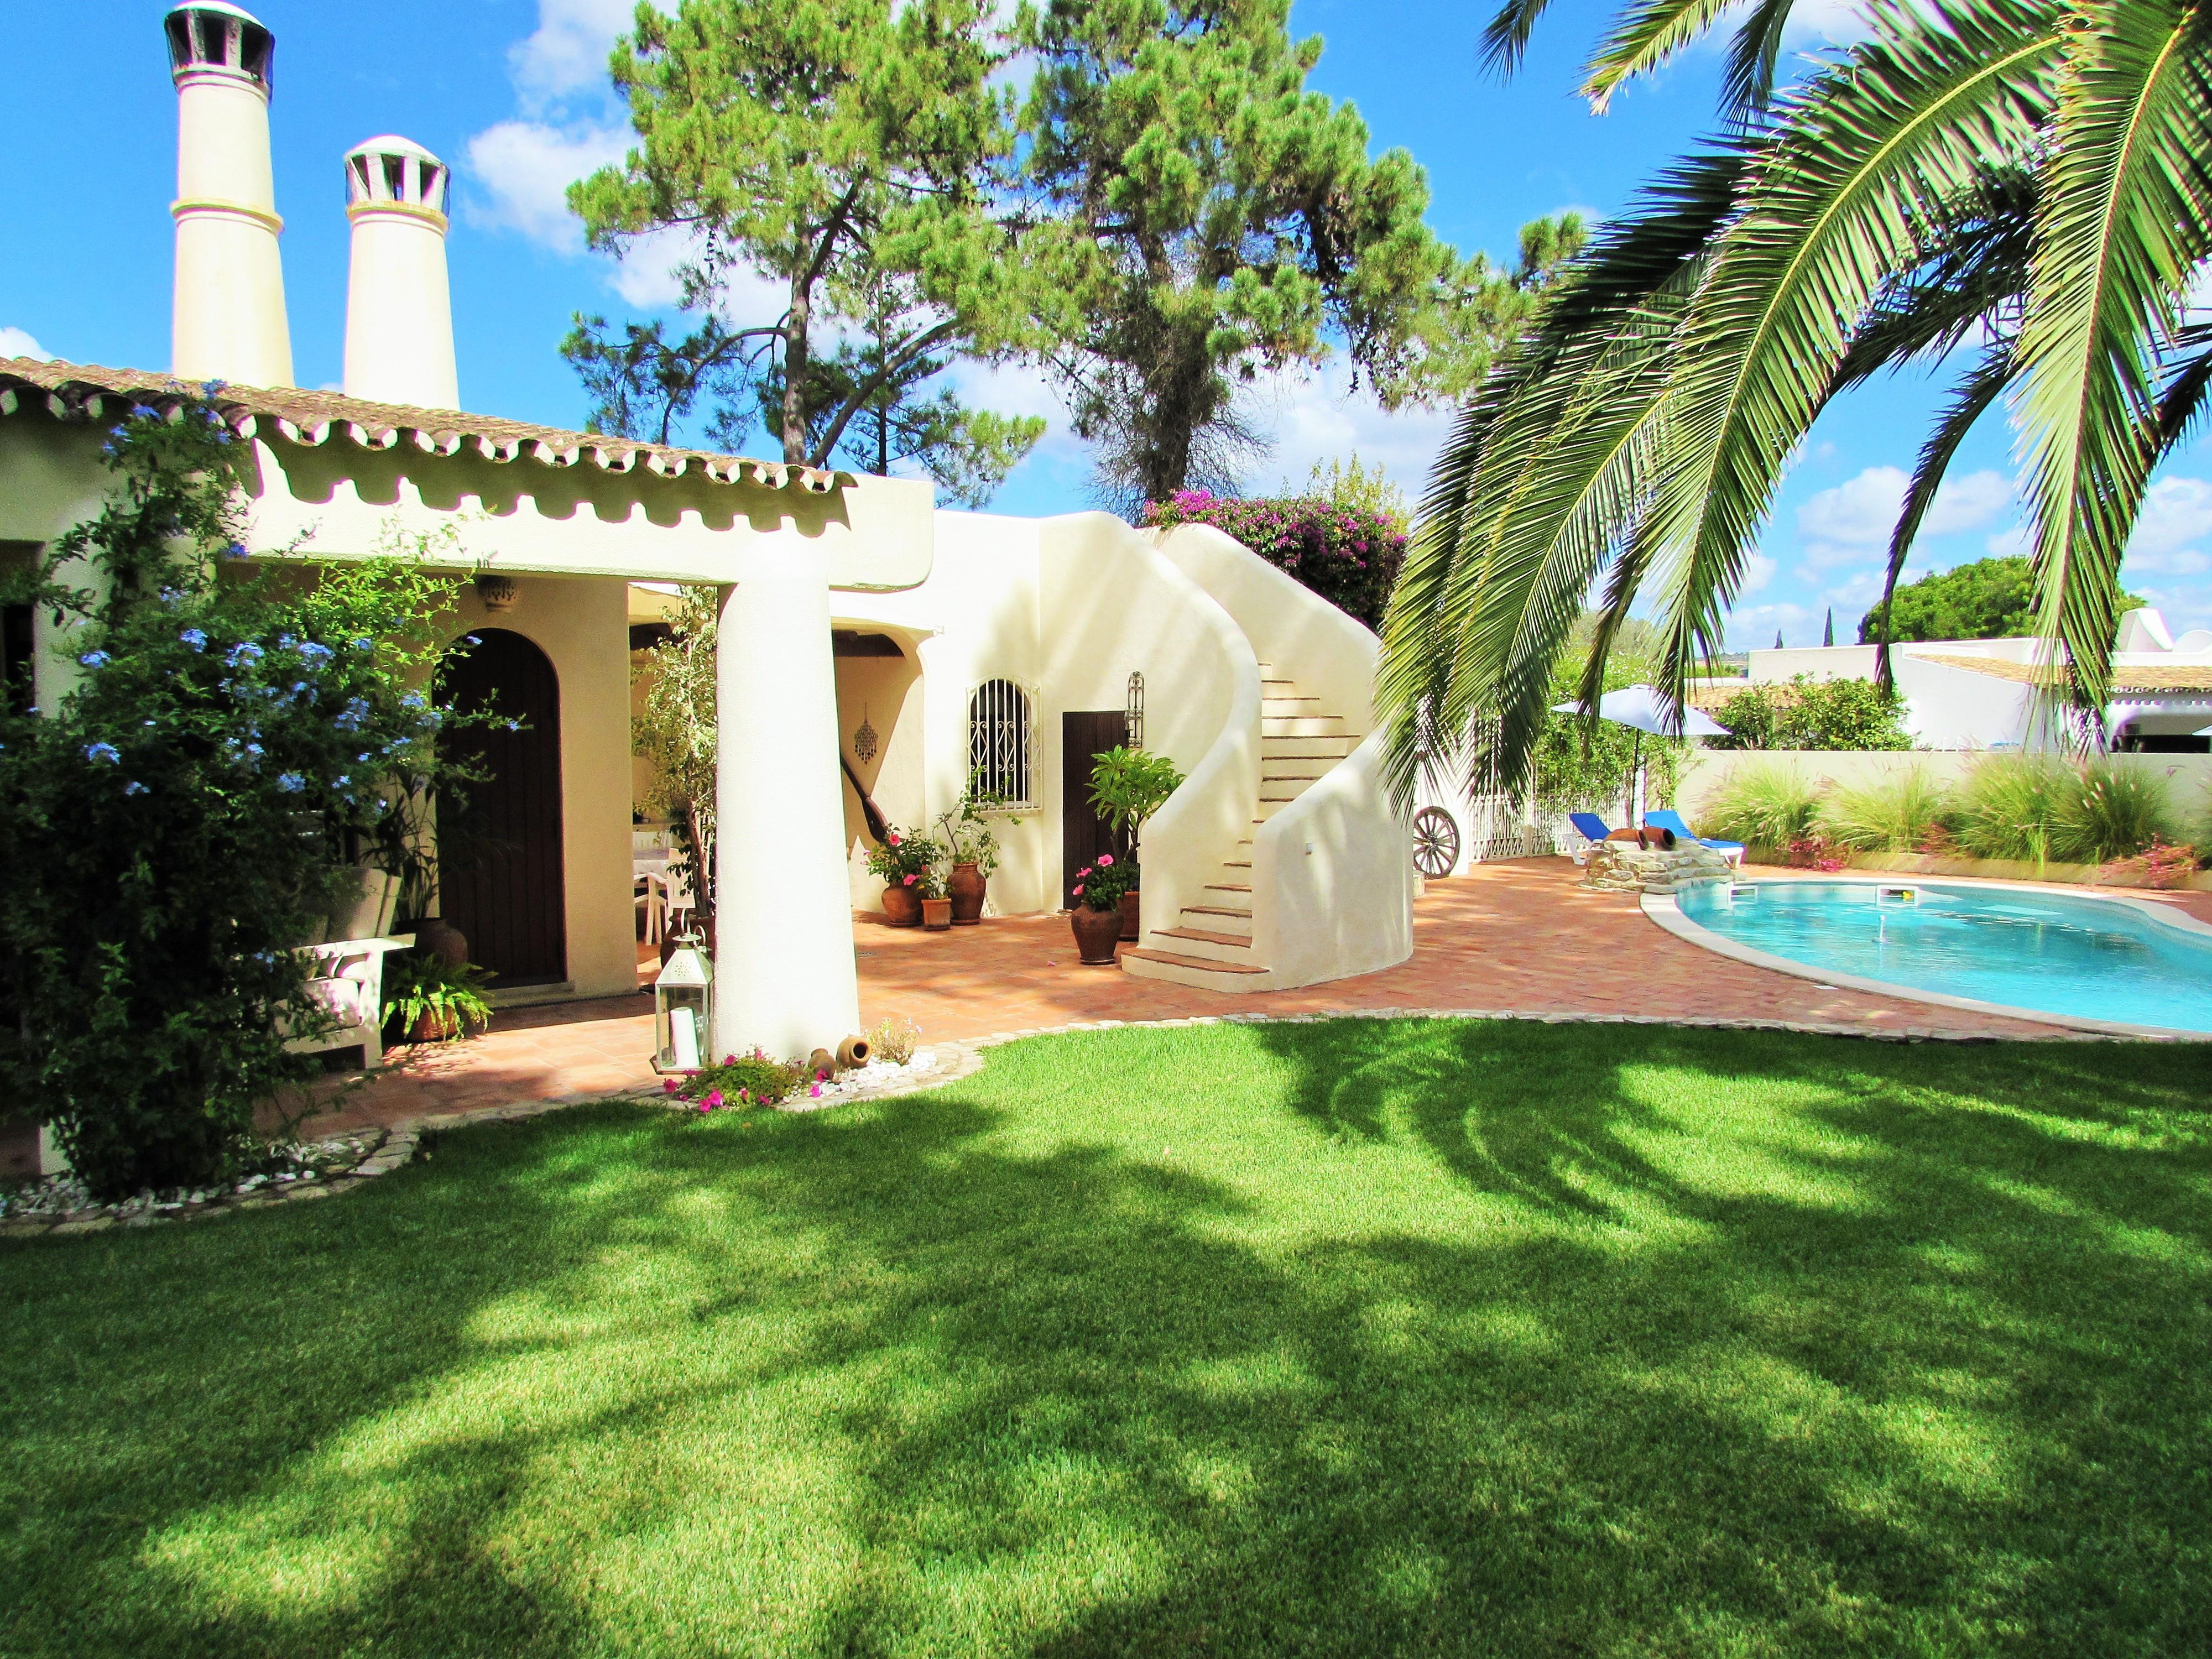 独户住宅 为 销售 在 Detached house, 4 bedrooms, for Sale Loule, 阿尔加维, 葡萄牙